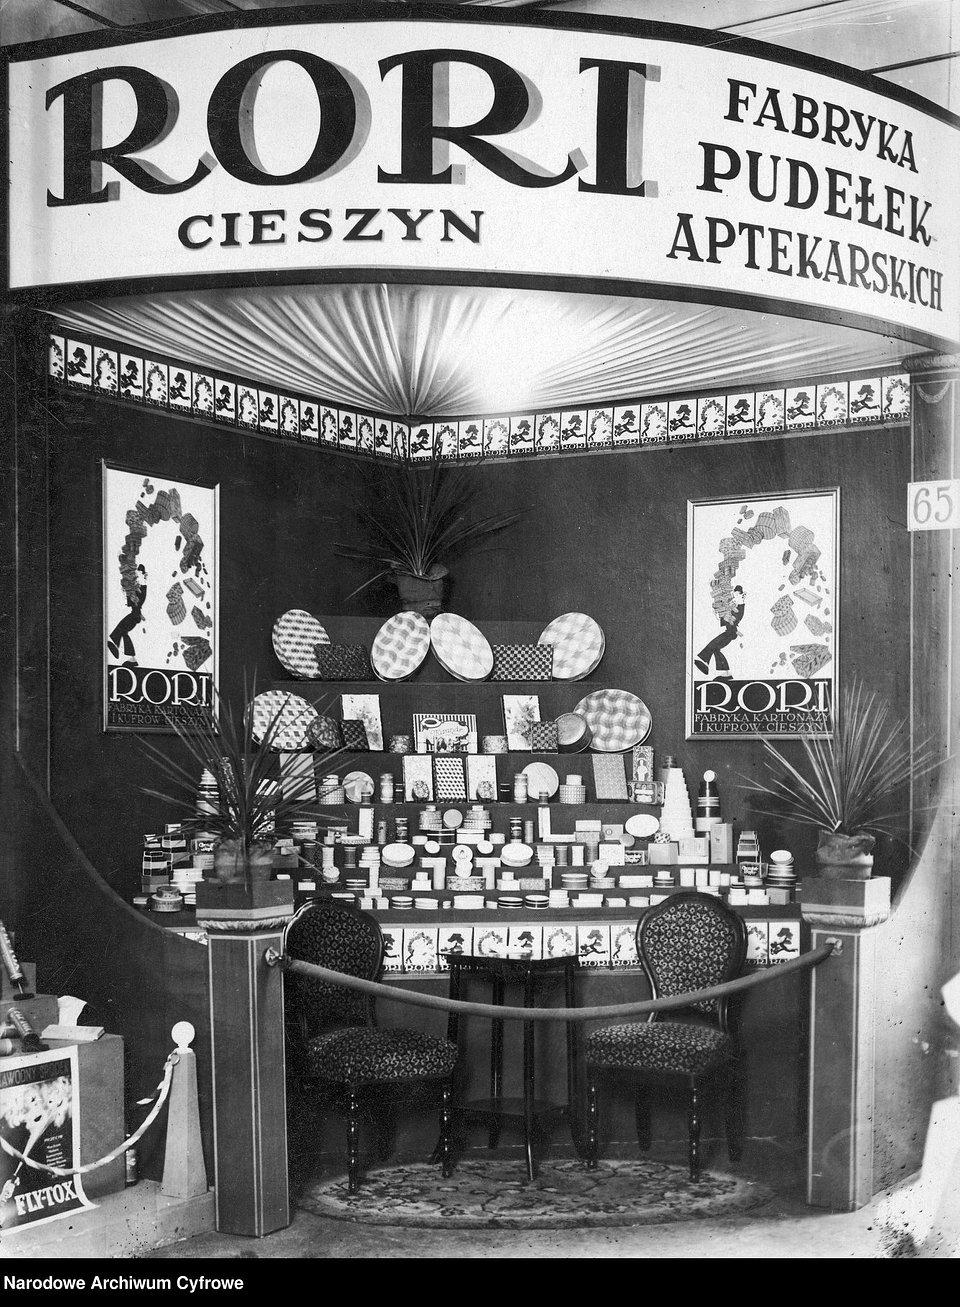 Wystawa Sanitarno-Higieniczna w Warszawie. Ekspozycja pudełek aptekarskich wyprodukowanych w Fabryce Pudełek Aptekarskich RORI w Cieszynie, 1927 r.